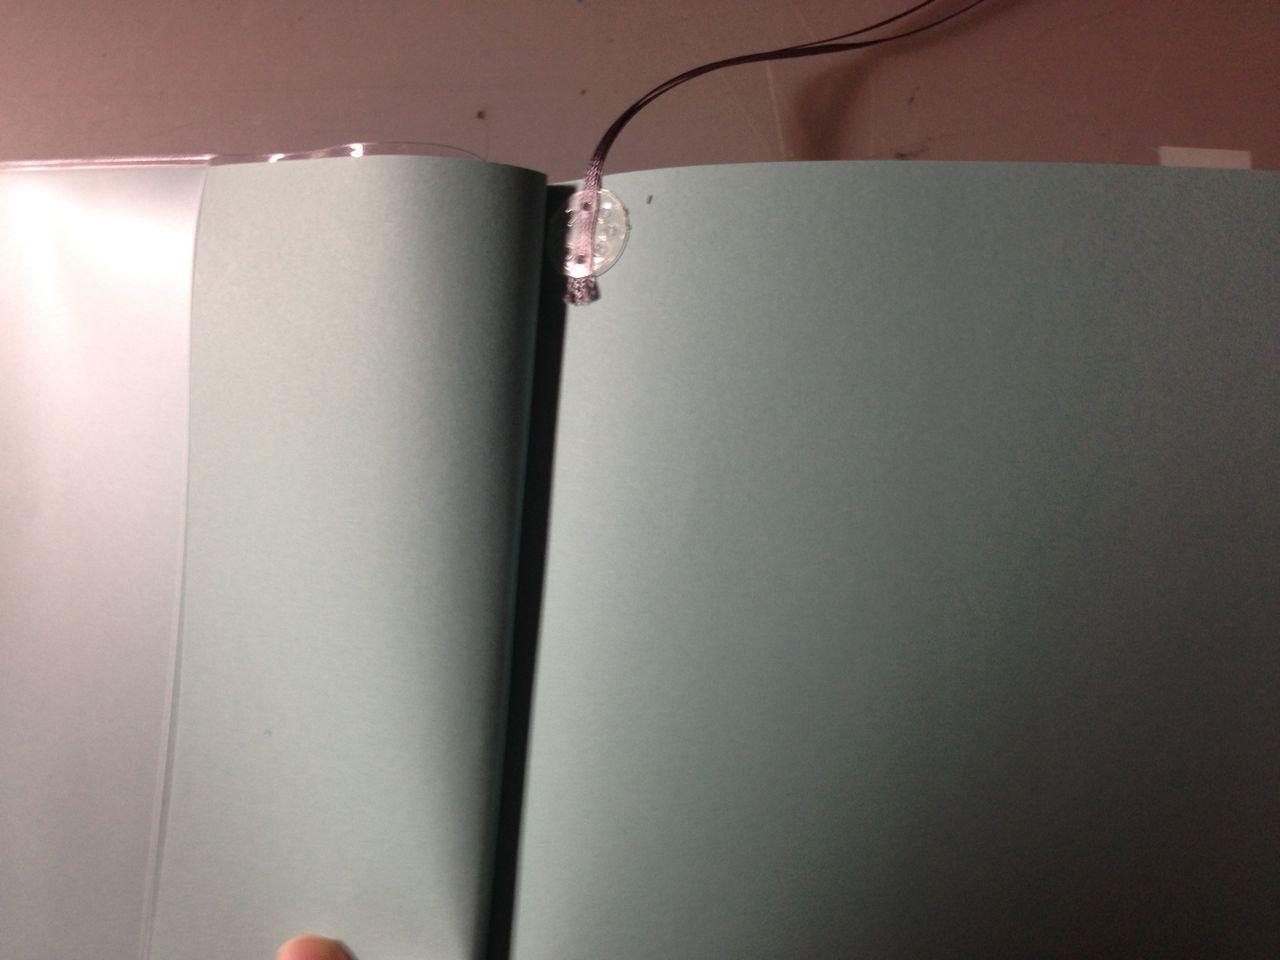 任意のページにシールを貼る。 わたしは表紙の次のページに貼りました!